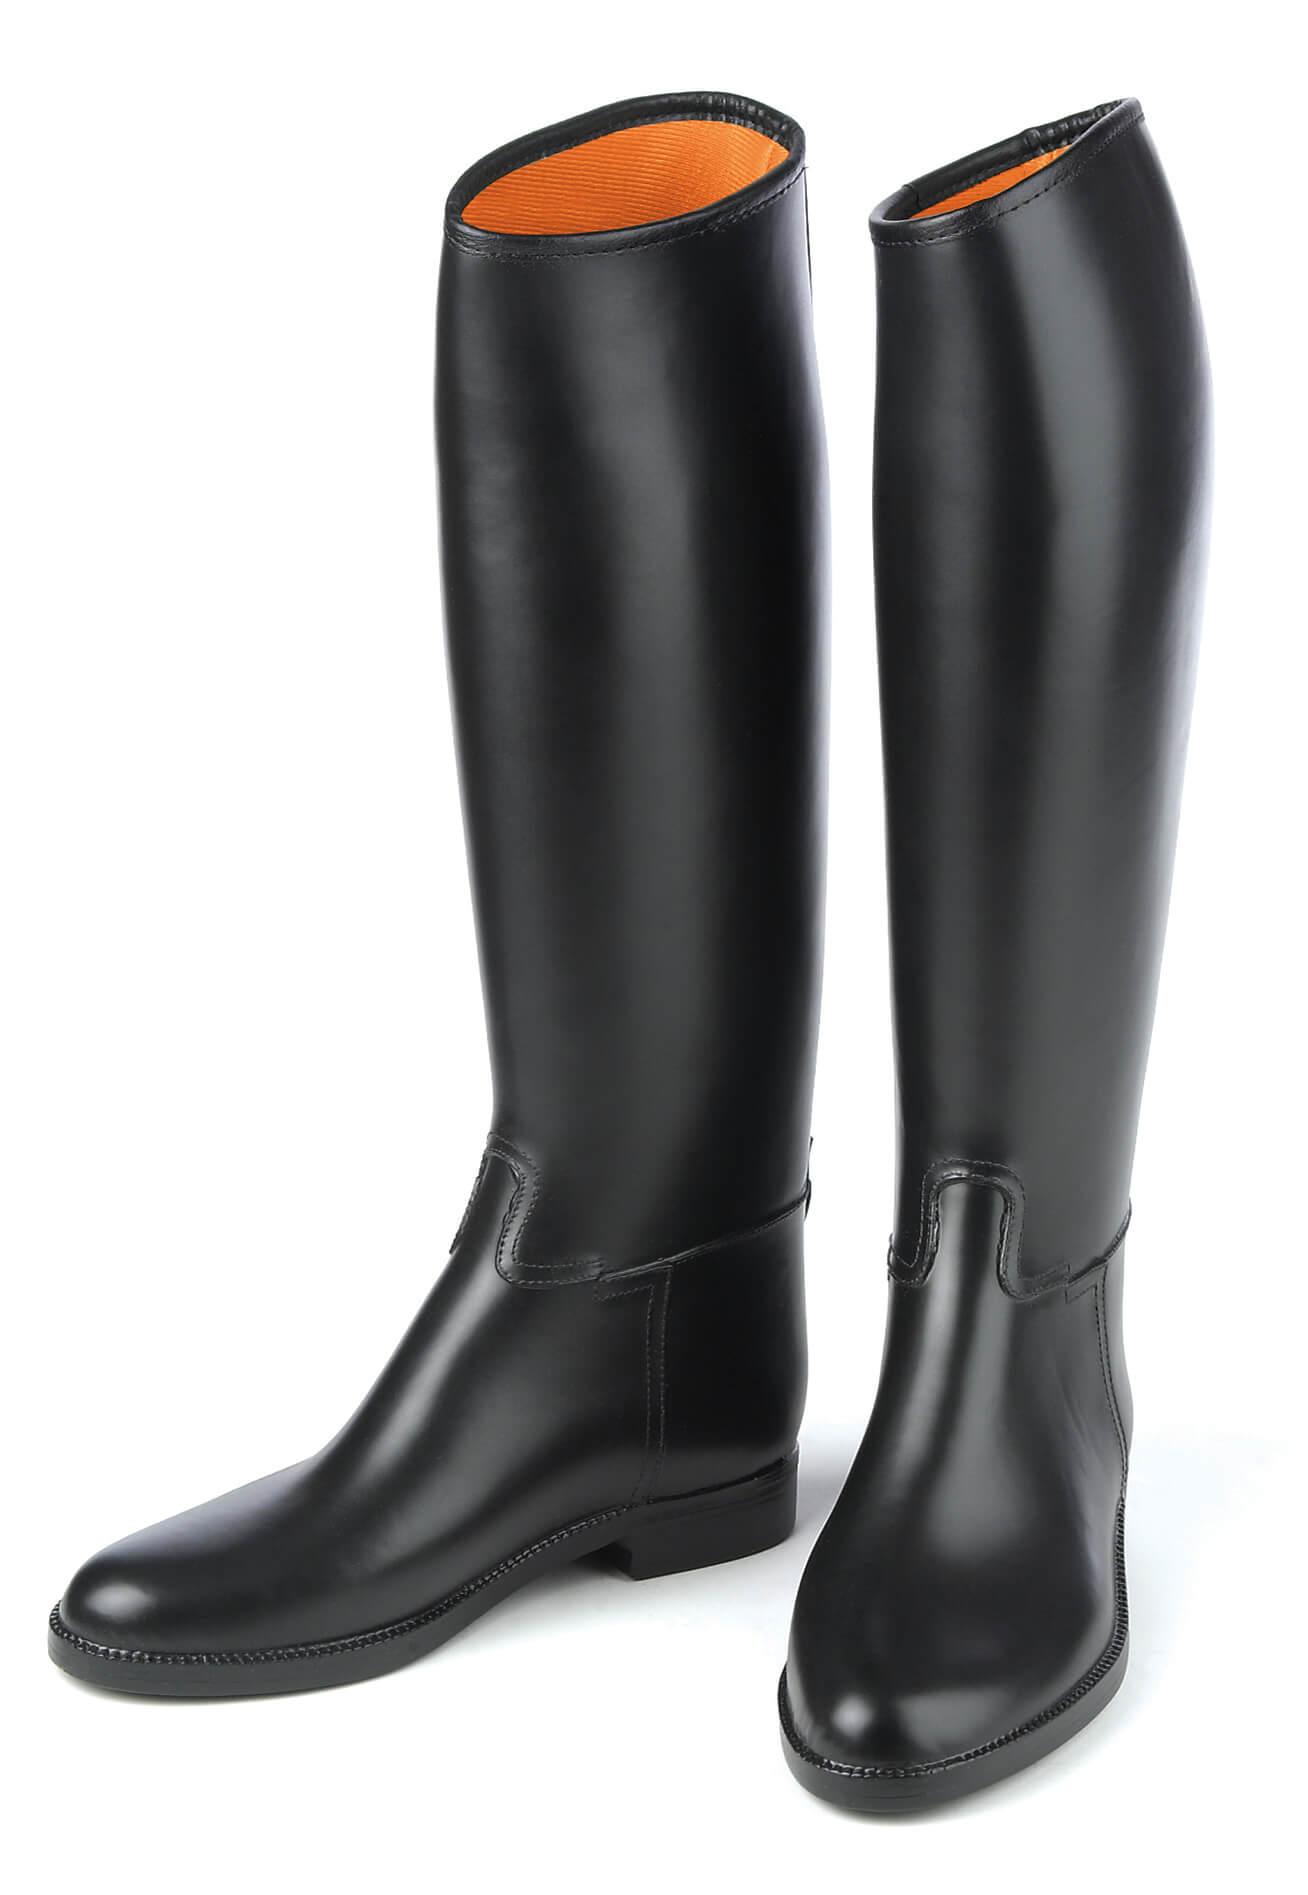 Derby™ Cottage Men's Rubber Boots - The Lexington Horse